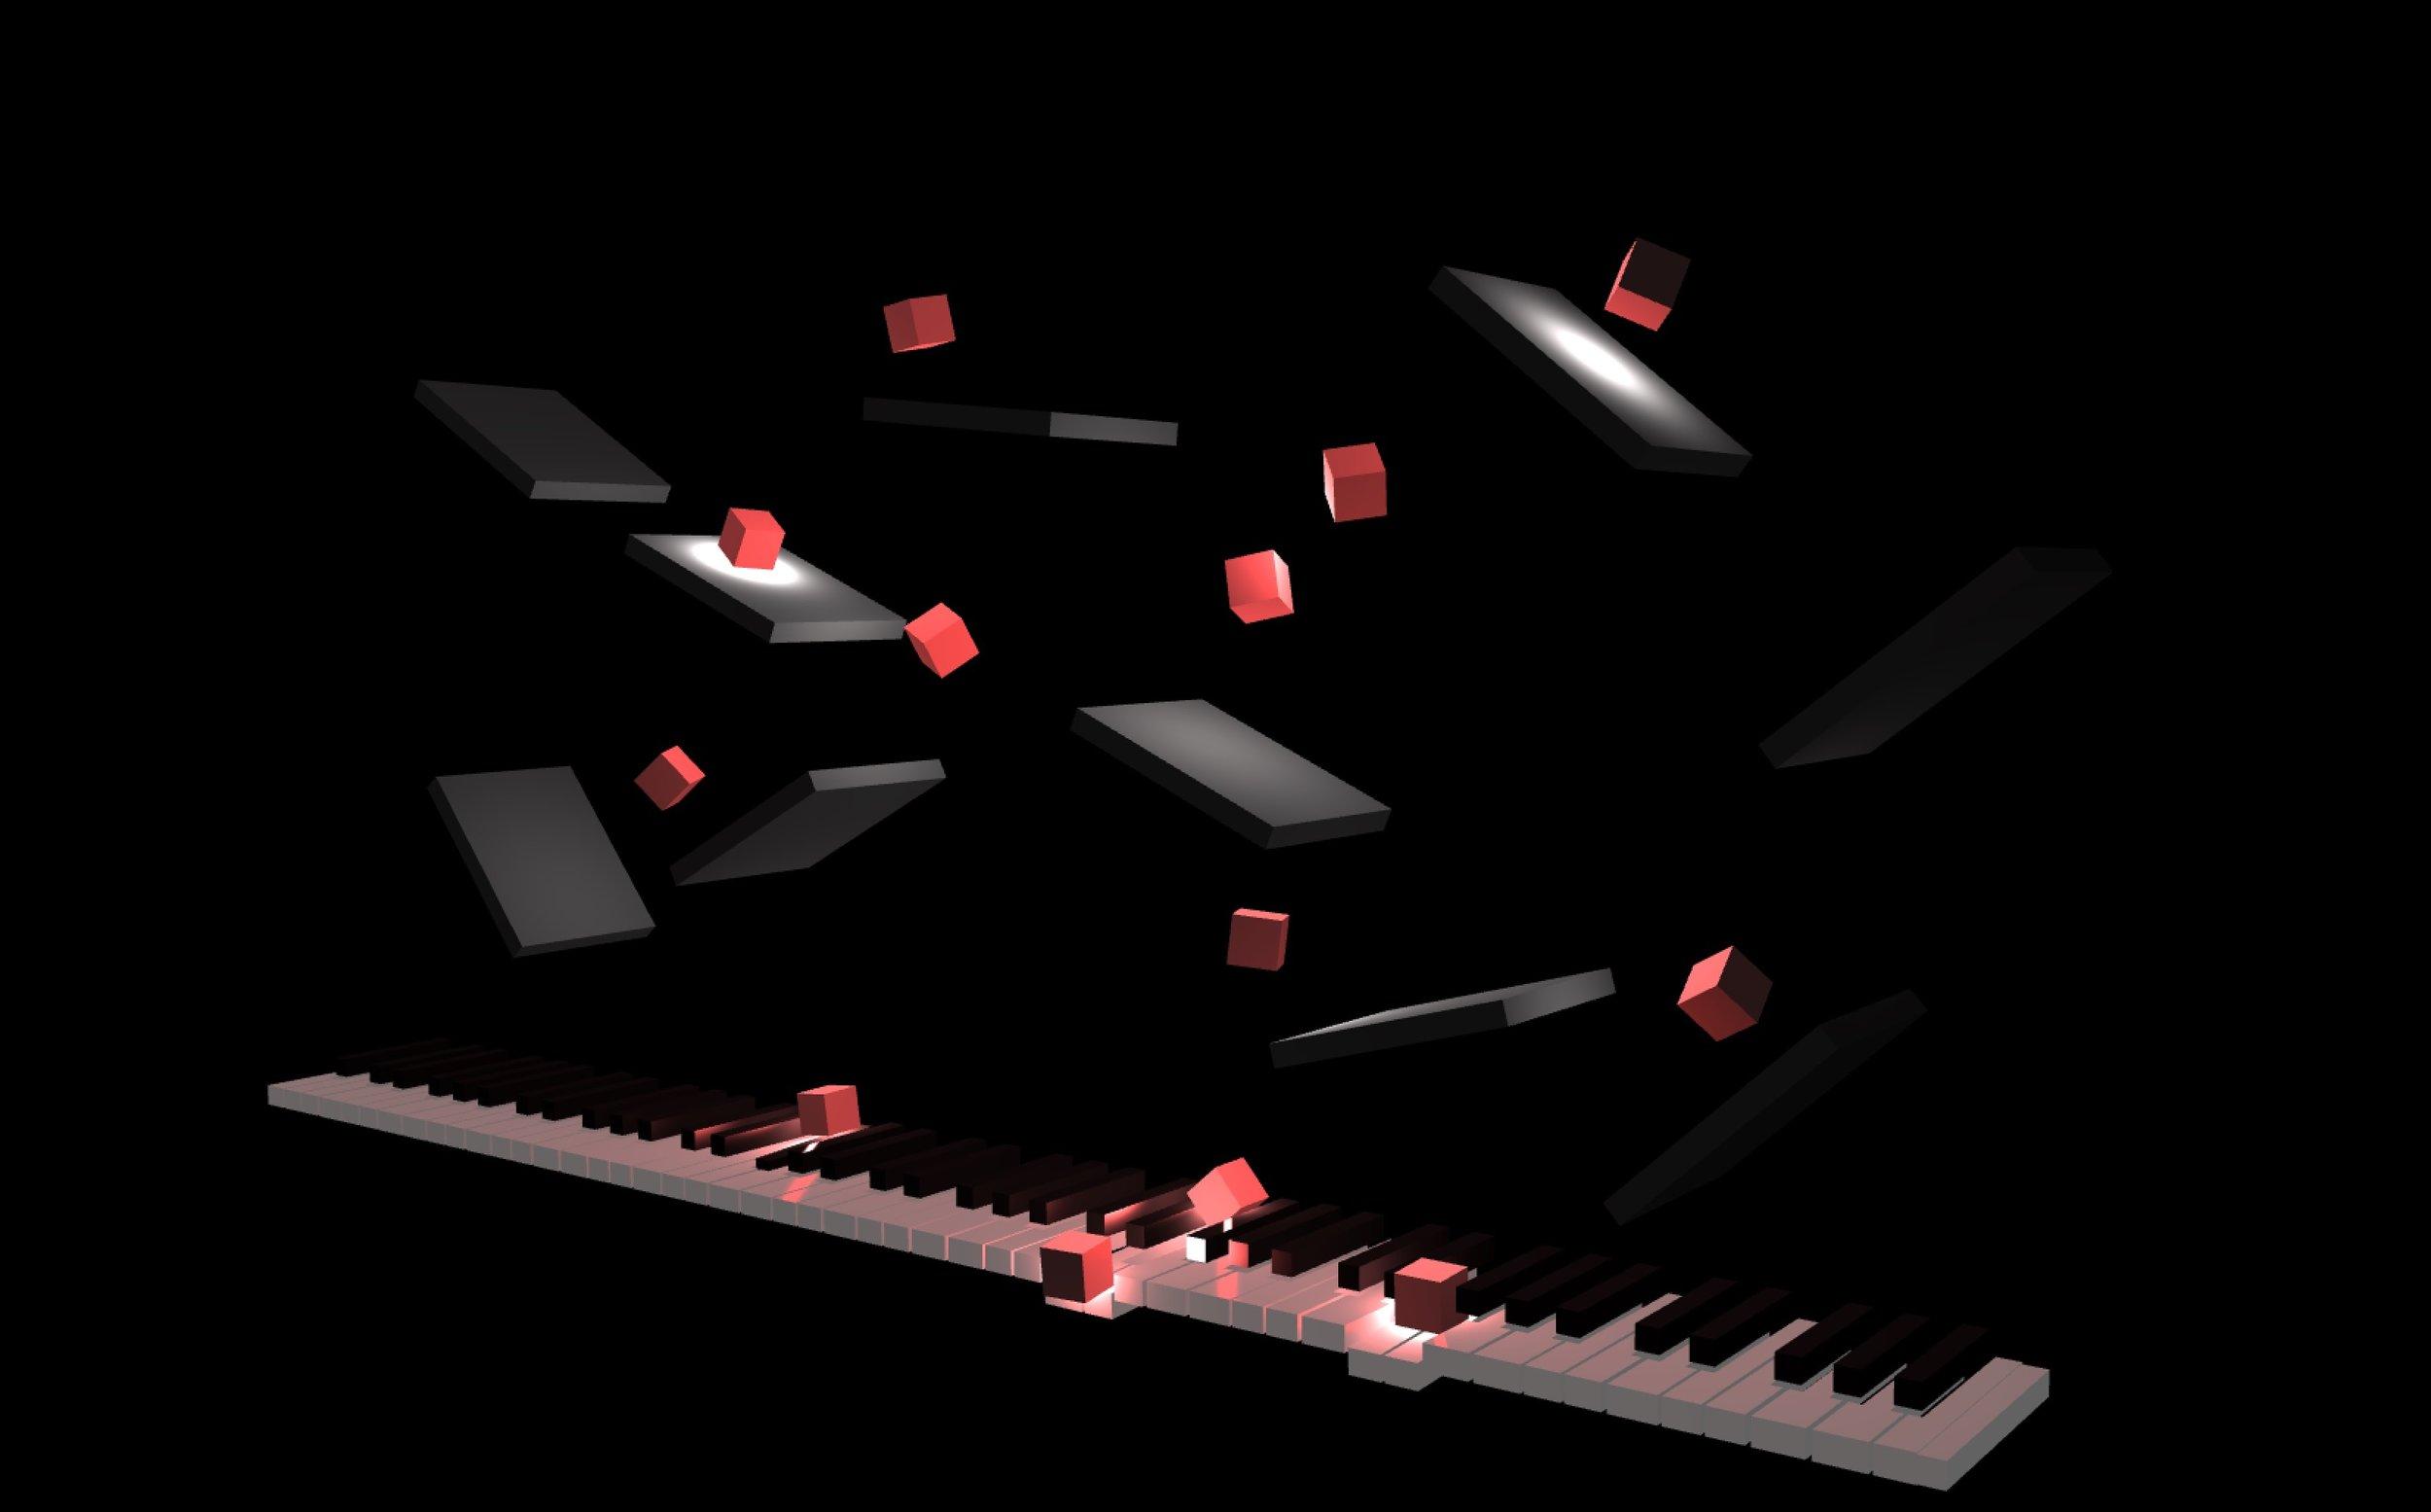 ICST_Kocher_Klavierspiel_04.jpg